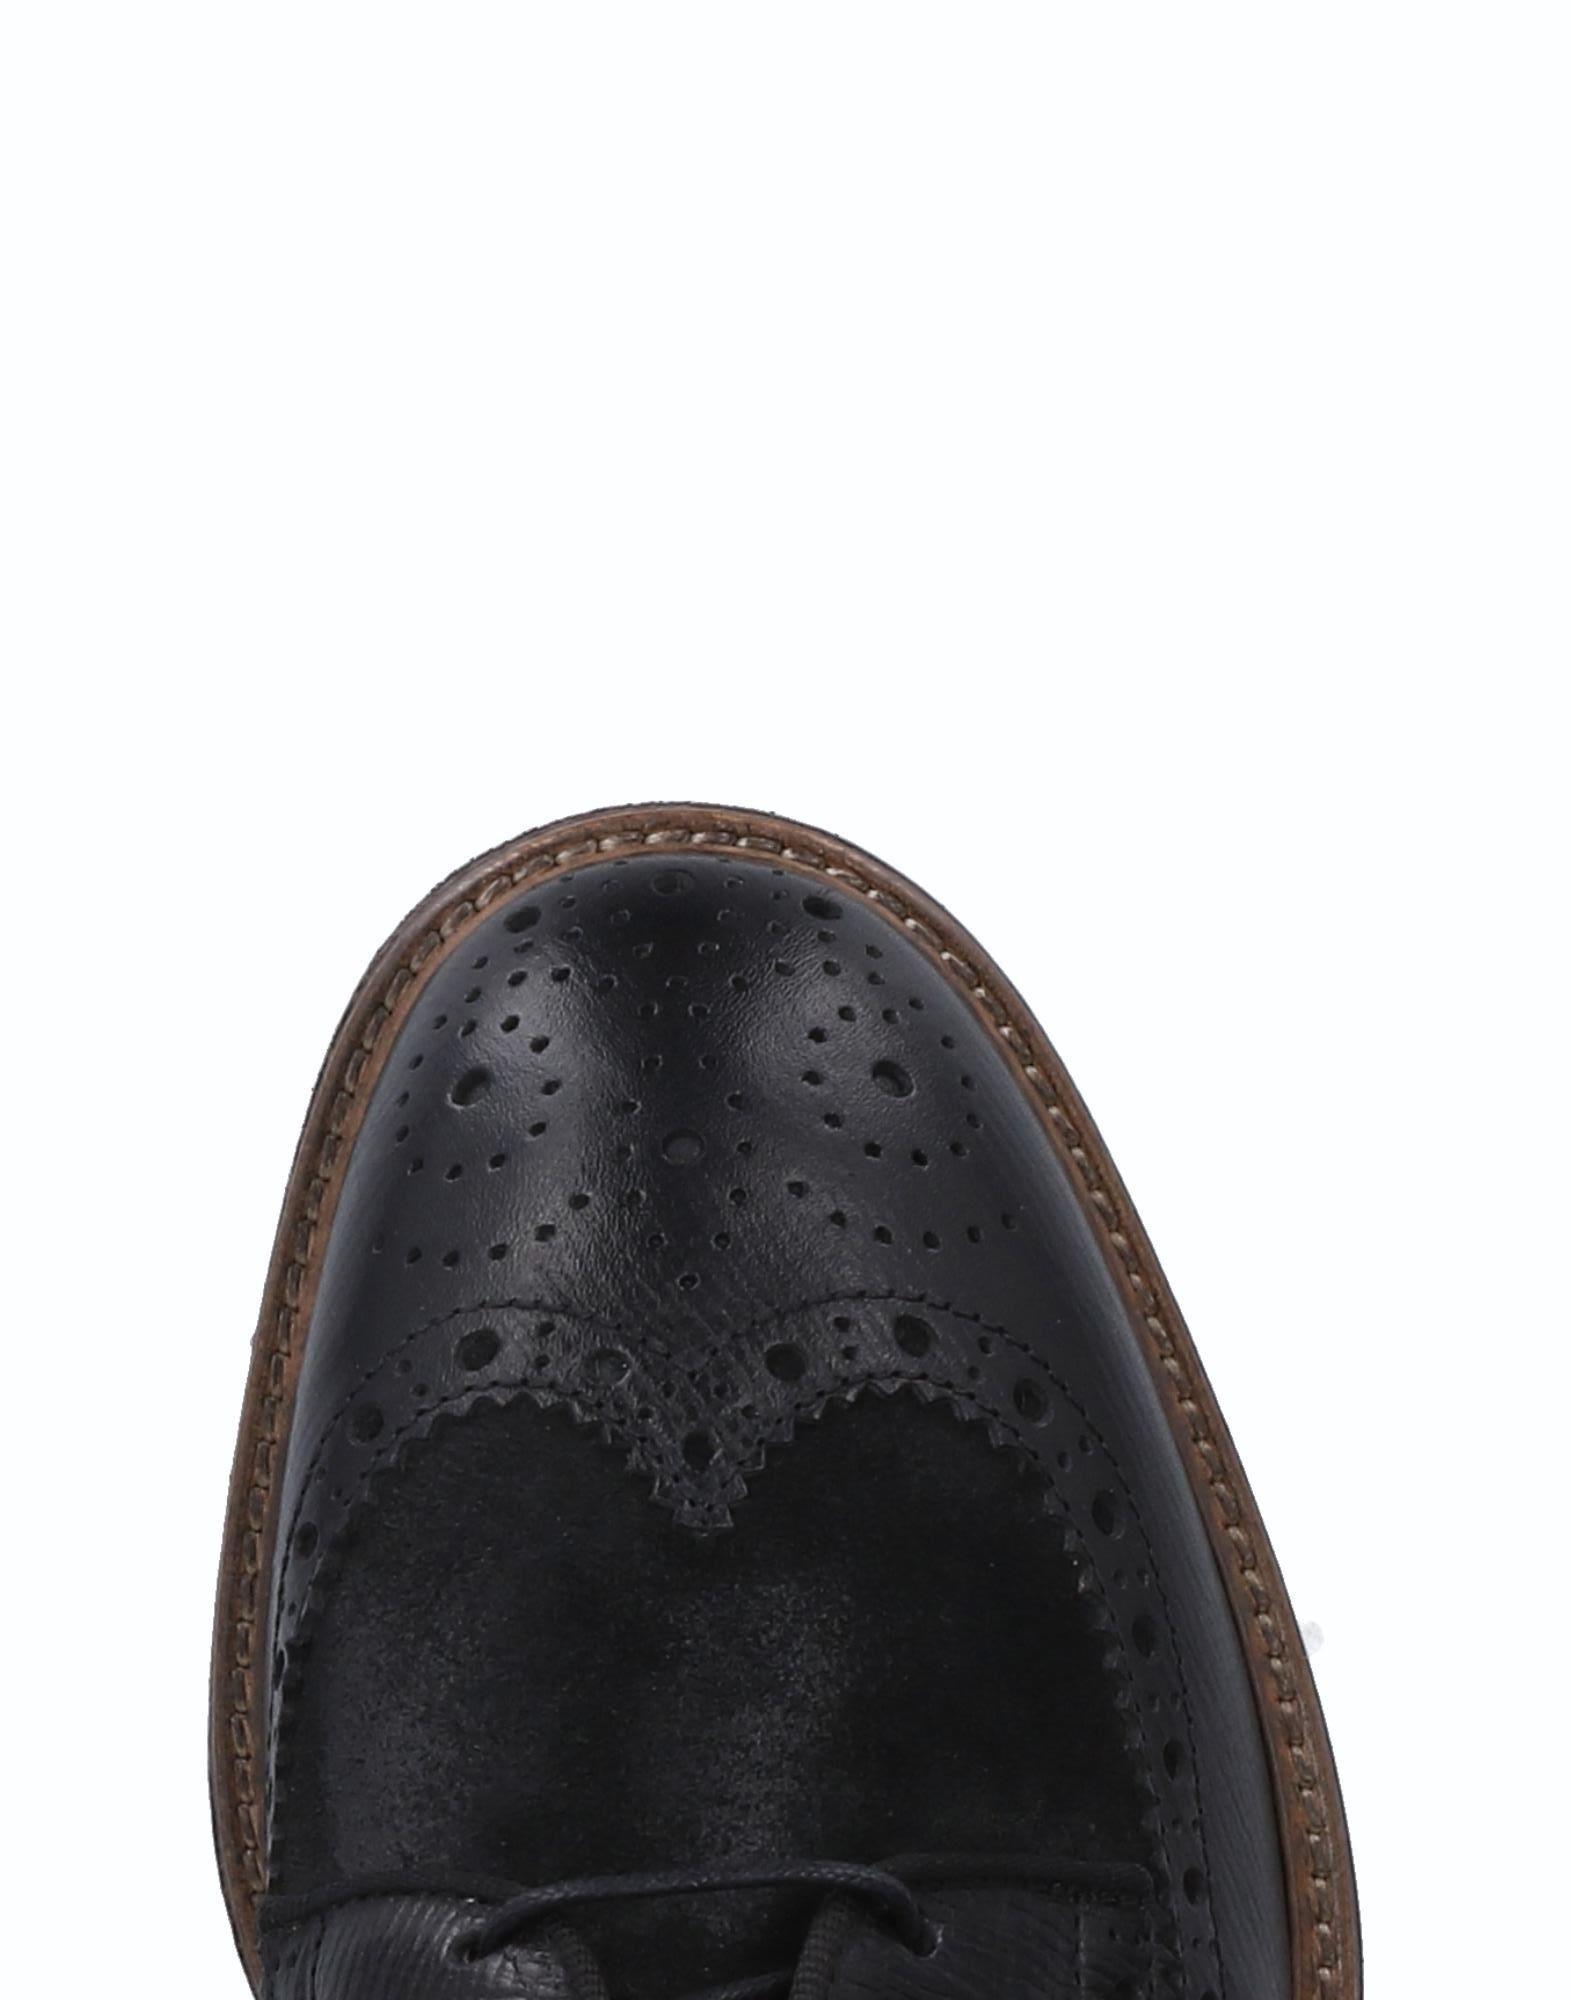 Rabatt echte Schuhe Wexford Schnürschuhe Herren  11501733KE 11501733KE 11501733KE d8d6f9